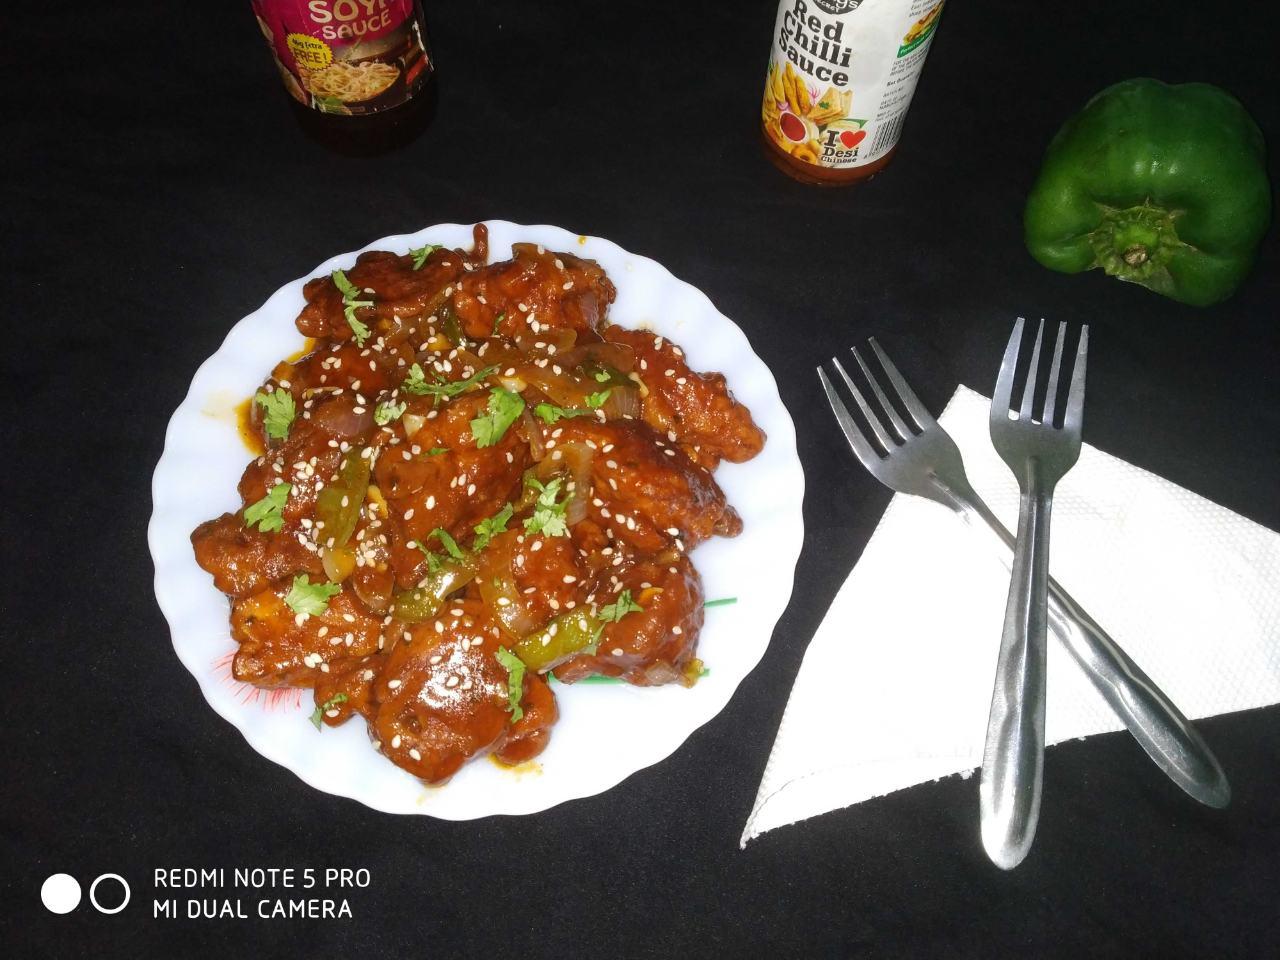 Chicken chilli 🍗🍗